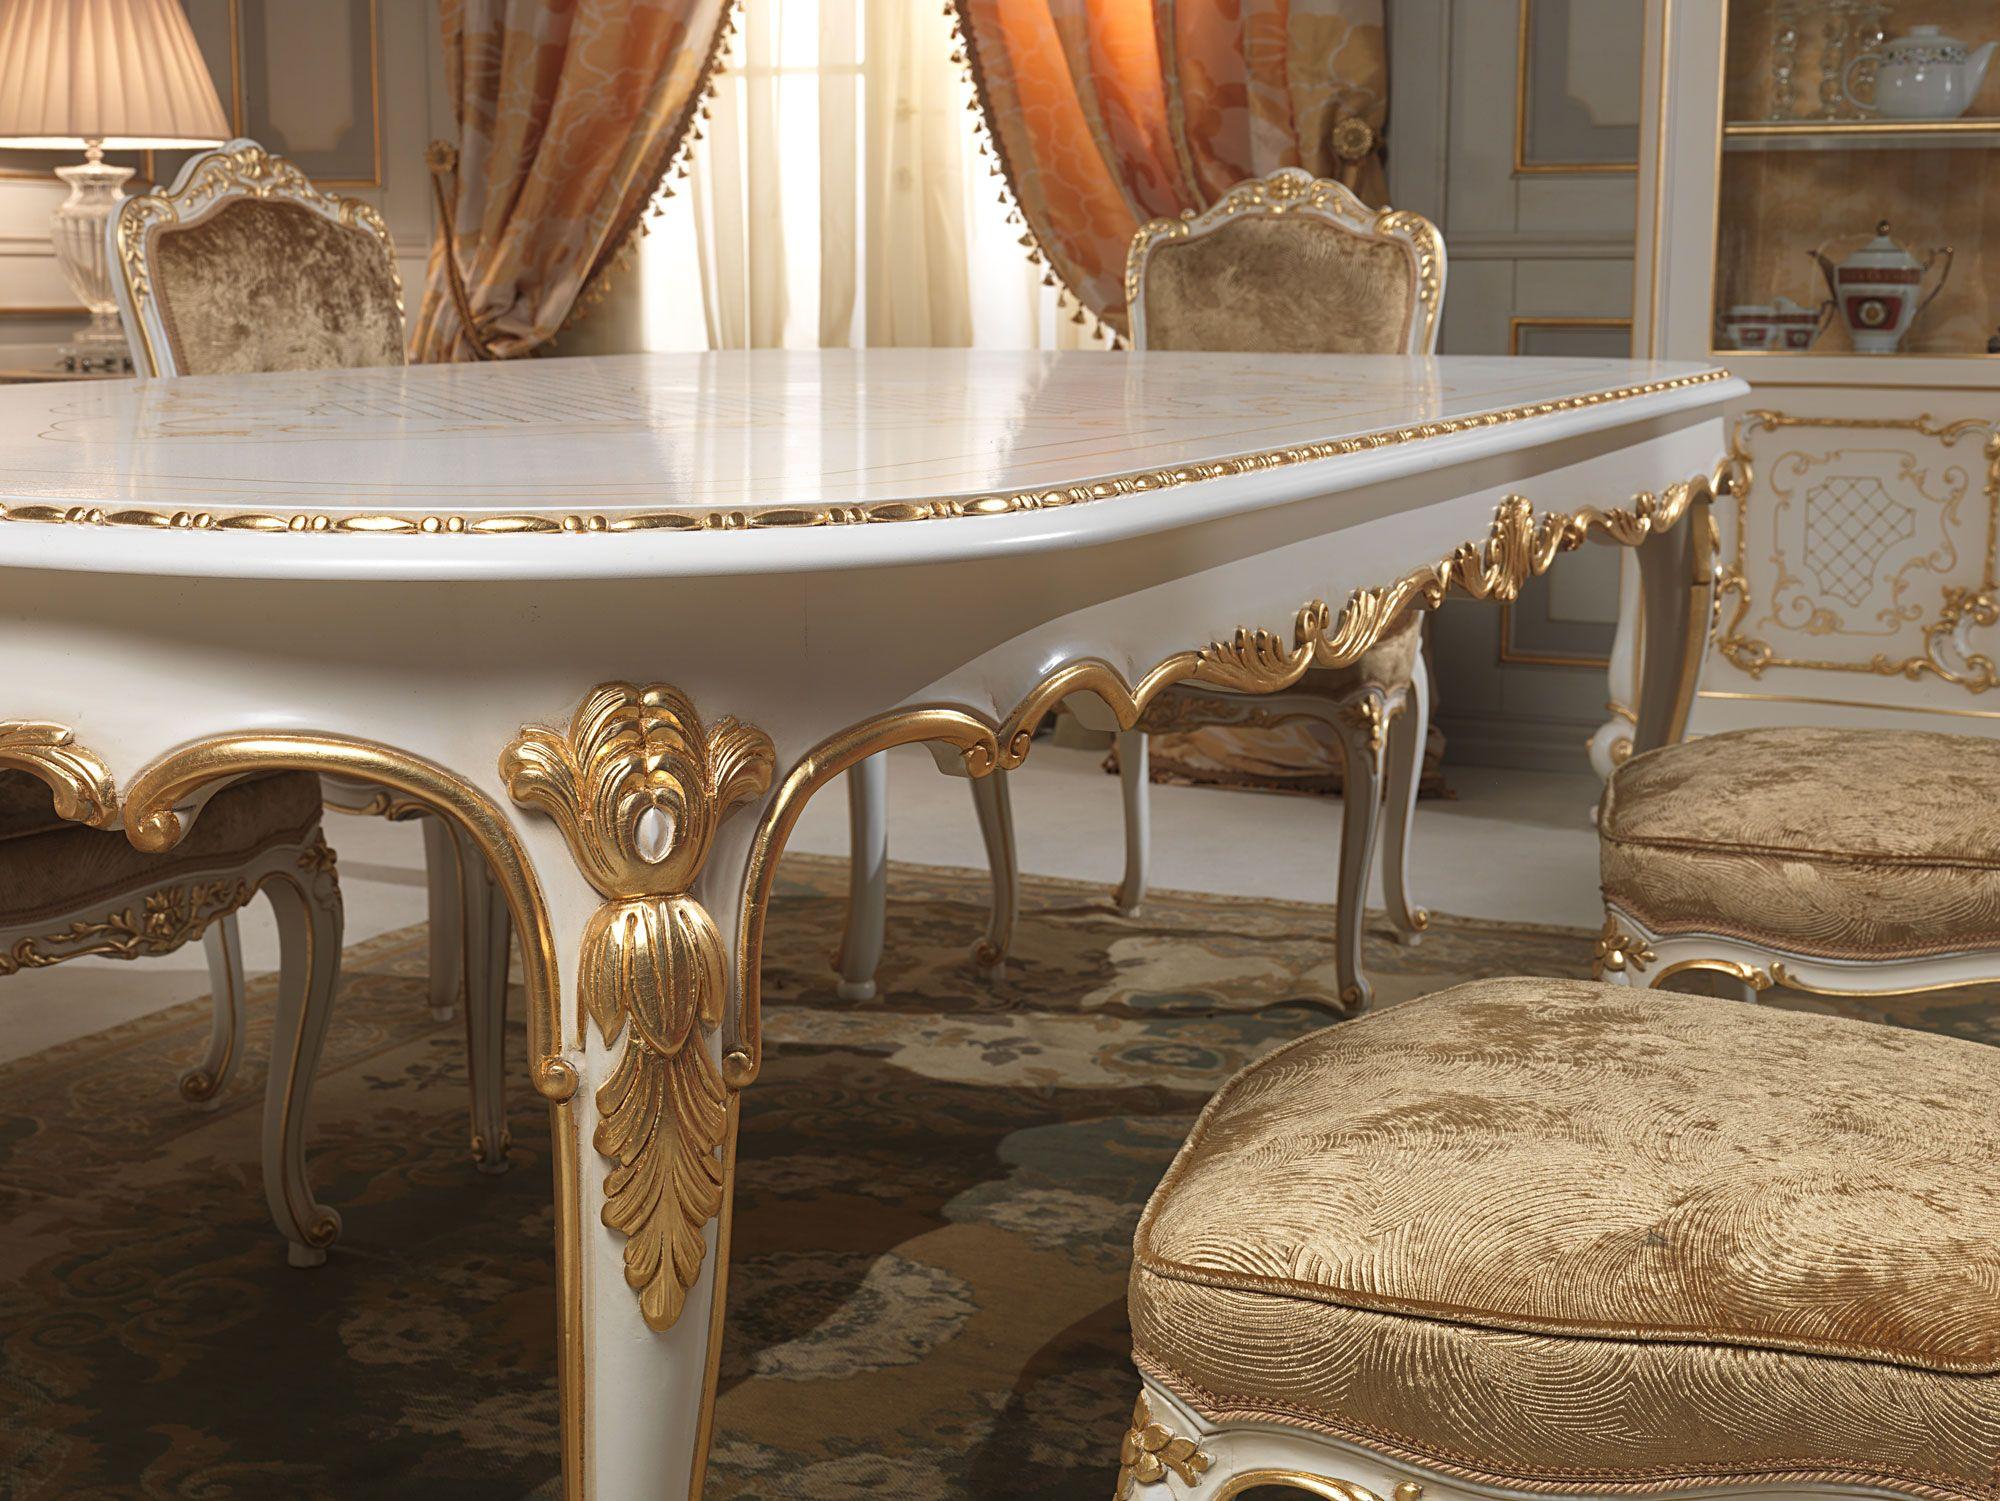 Tavolo Intarsiato ~ Arredamento sala classica venezia: piano del tavolo intarsiato